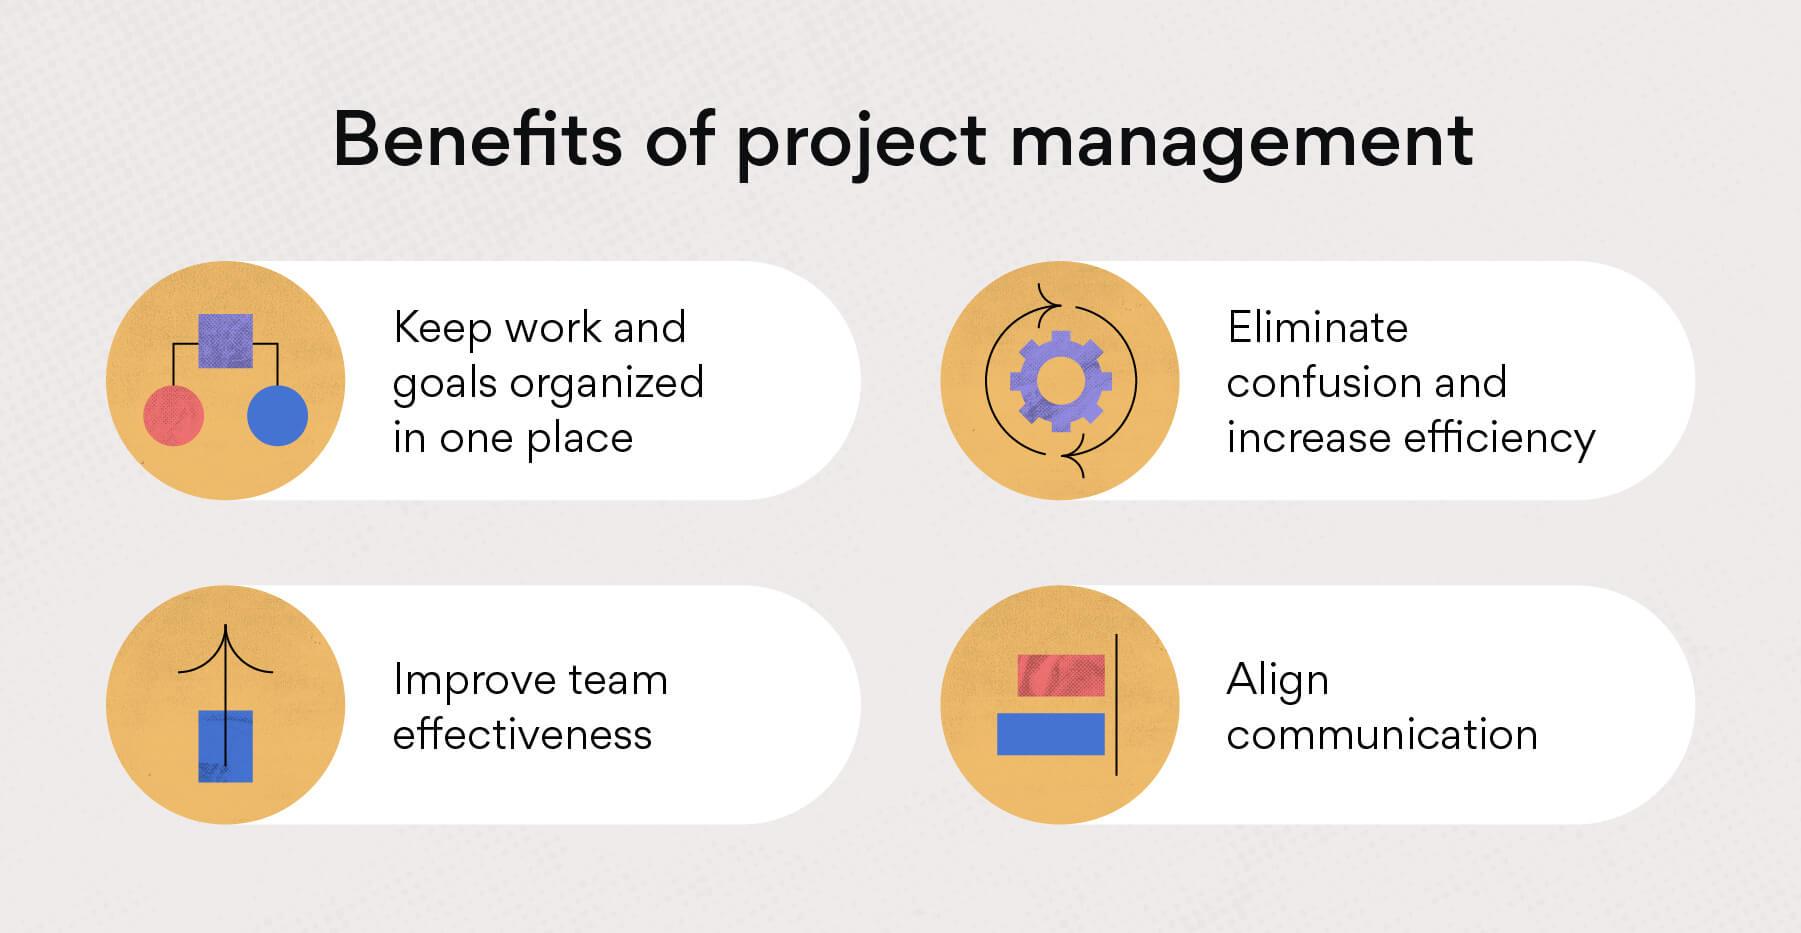 專案管理的優勢